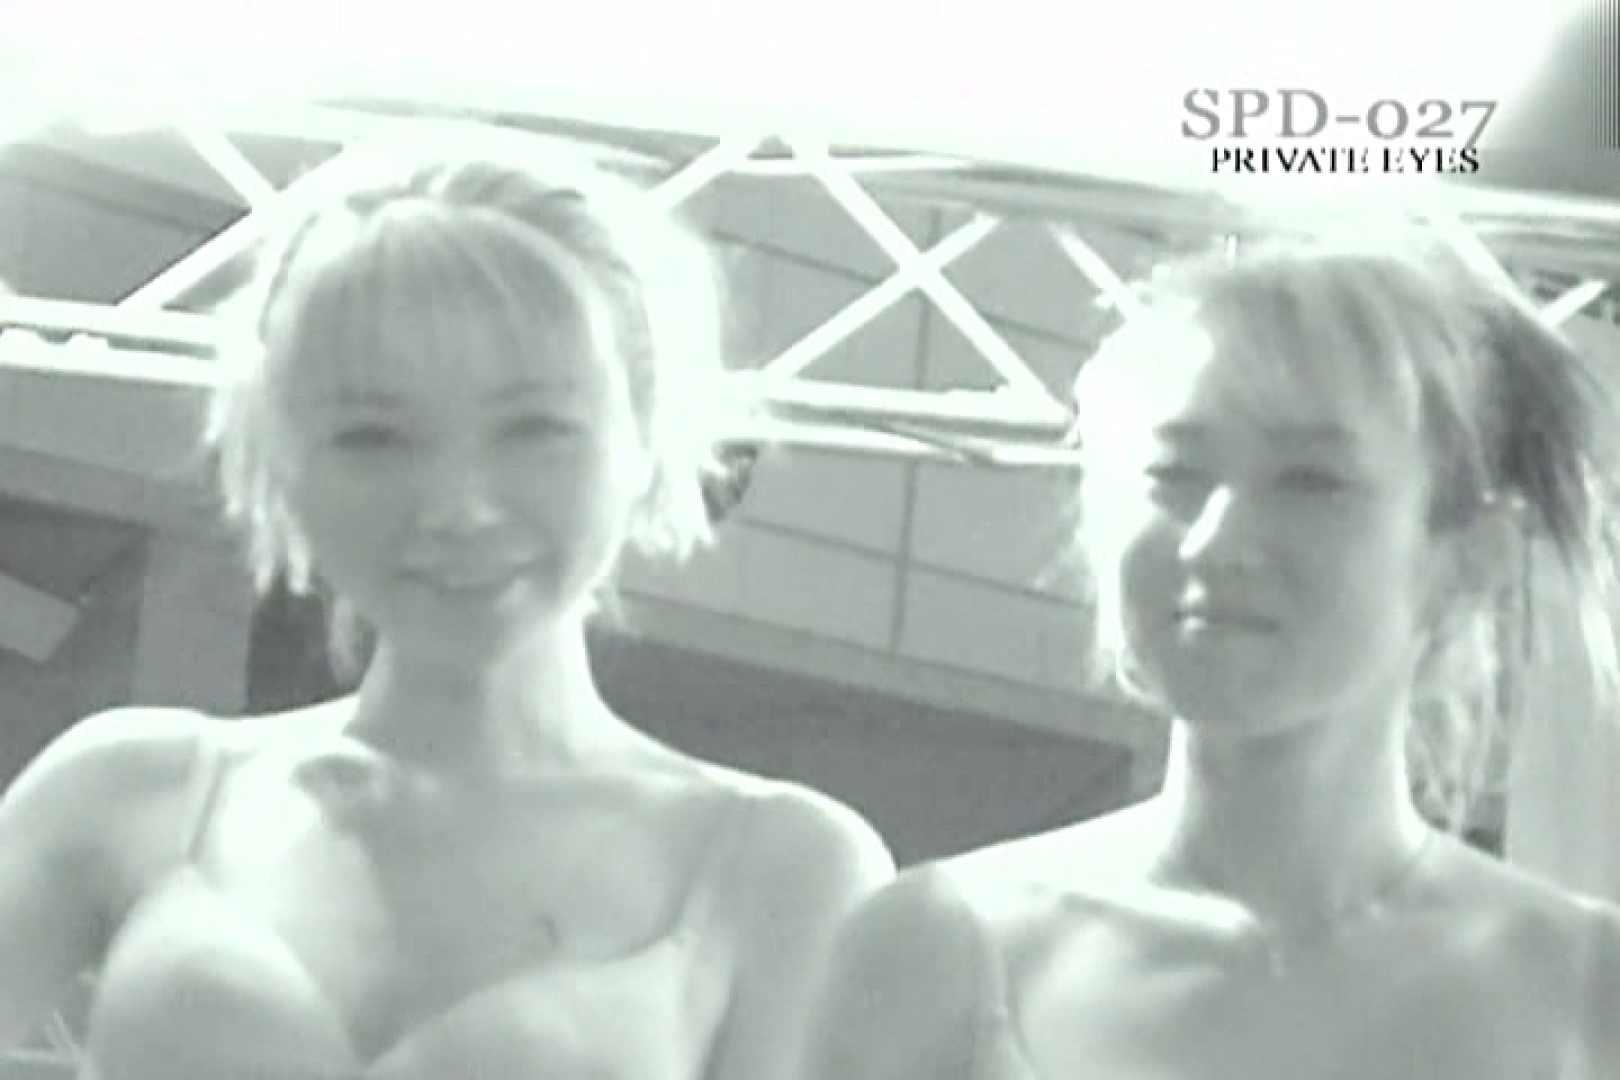 高画質版!SPD-027 キャンギャル赤外線&盗撮 高画質 おめこ無修正動画無料 10枚 9